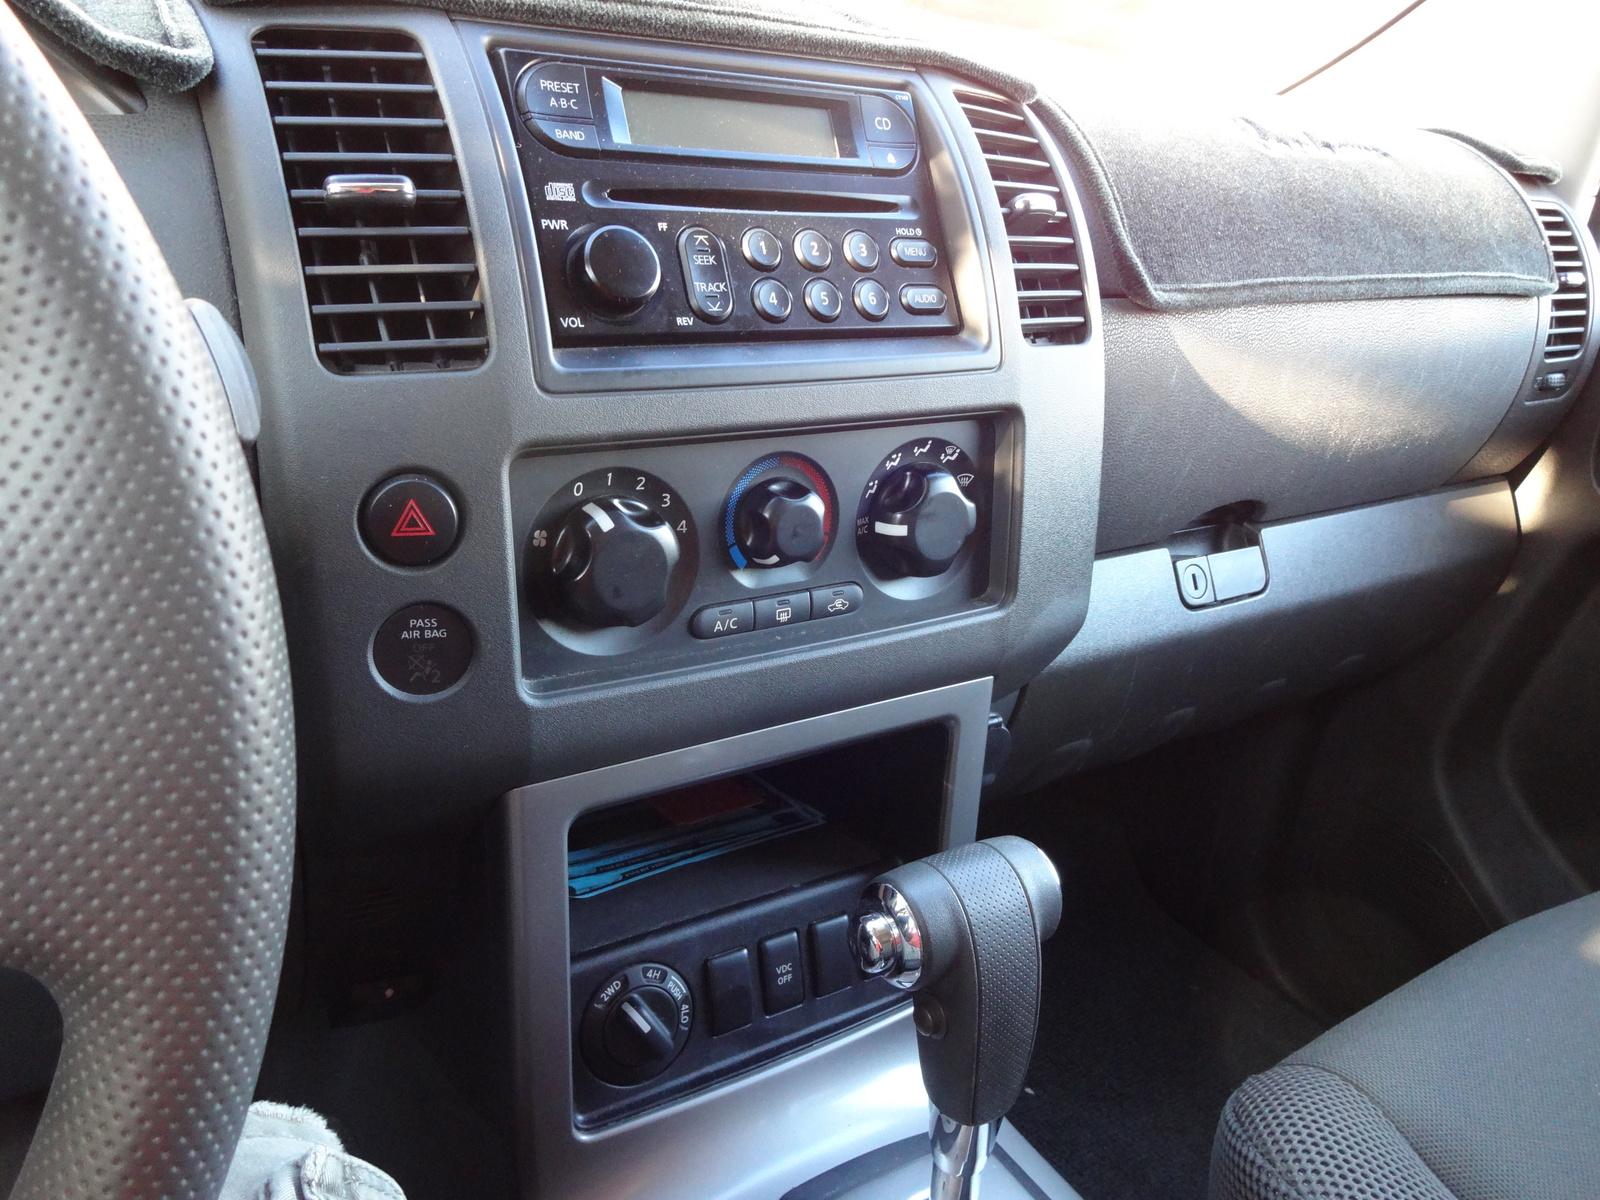 2005 nissan pathfinder xe interior. Black Bedroom Furniture Sets. Home Design Ideas